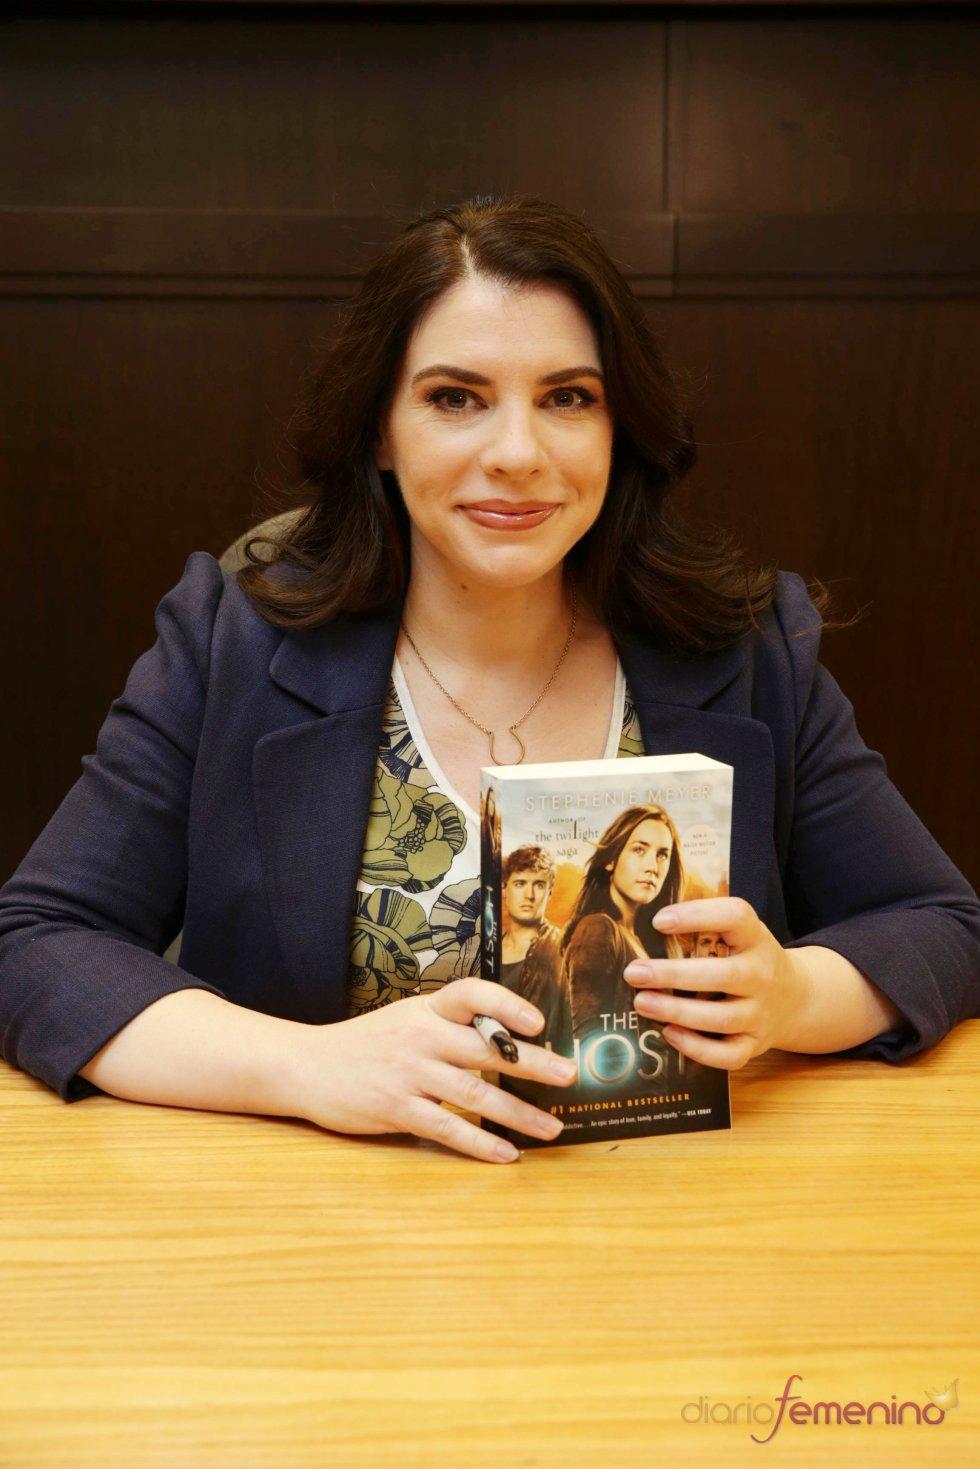 Stephenie Meyer con su nuevo libro 'The Host'